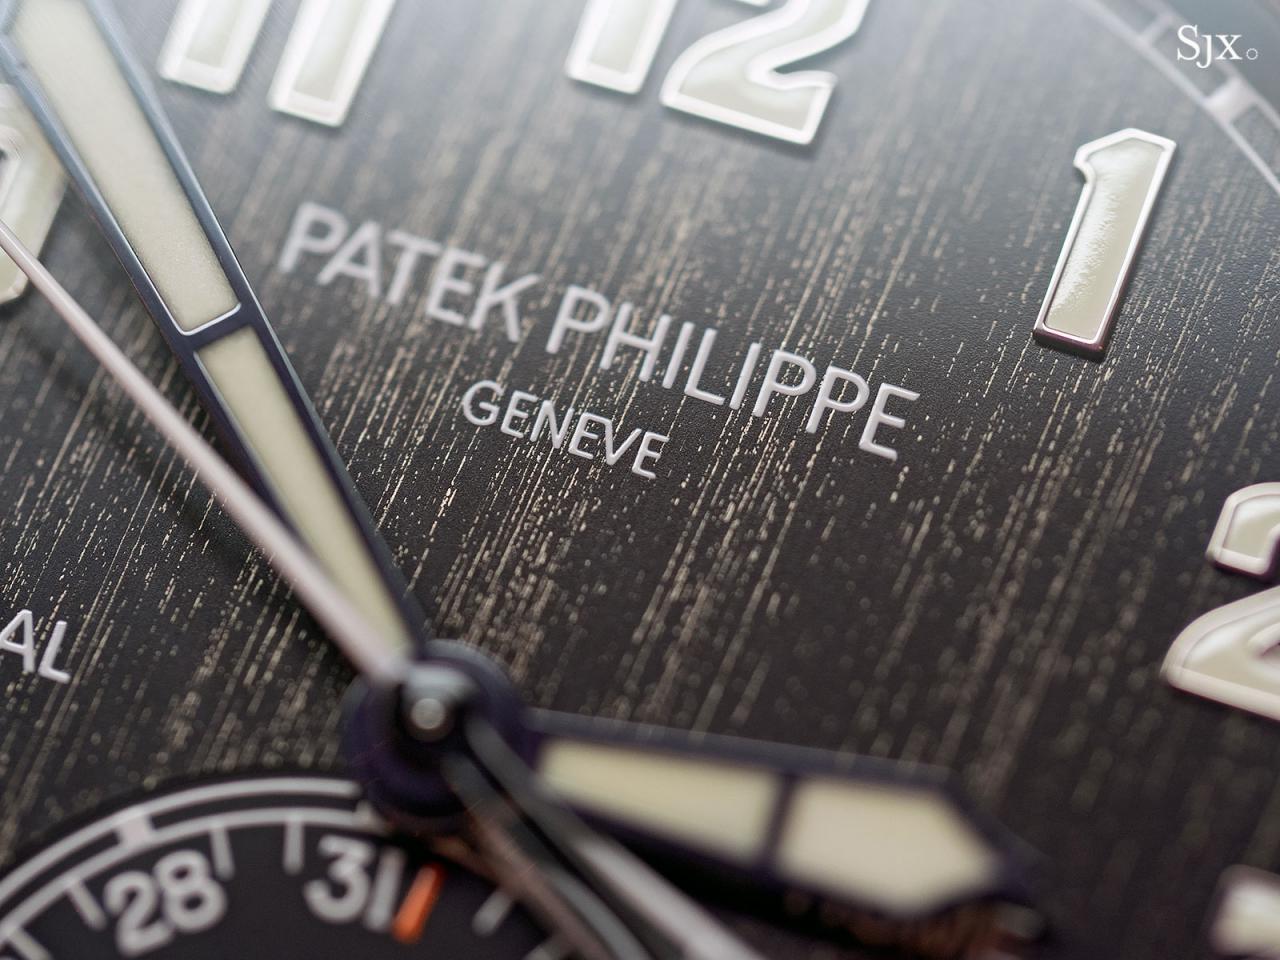 Patek Philippe Calatrava Pilot Travel Time Titanium 5524T-1